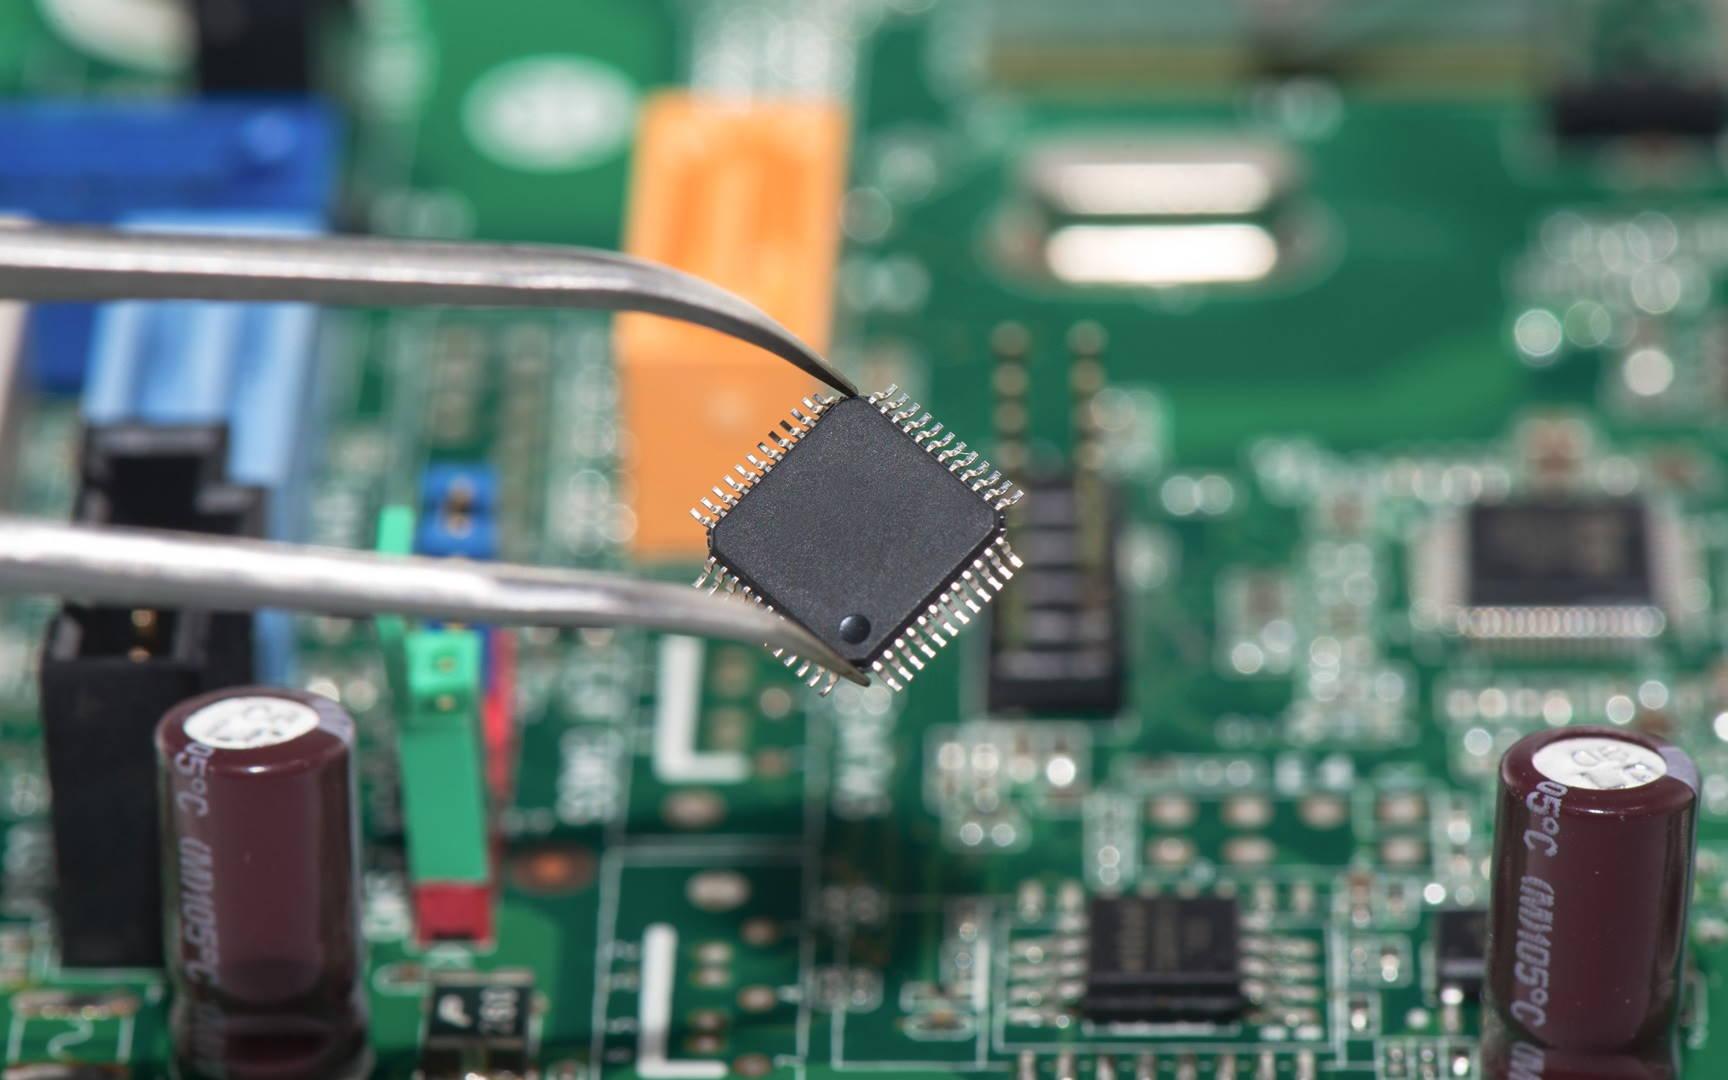 چیپ (Chip) چیست ؟ — آشنایی با تراشه الکترونیکی | به زبان ساده